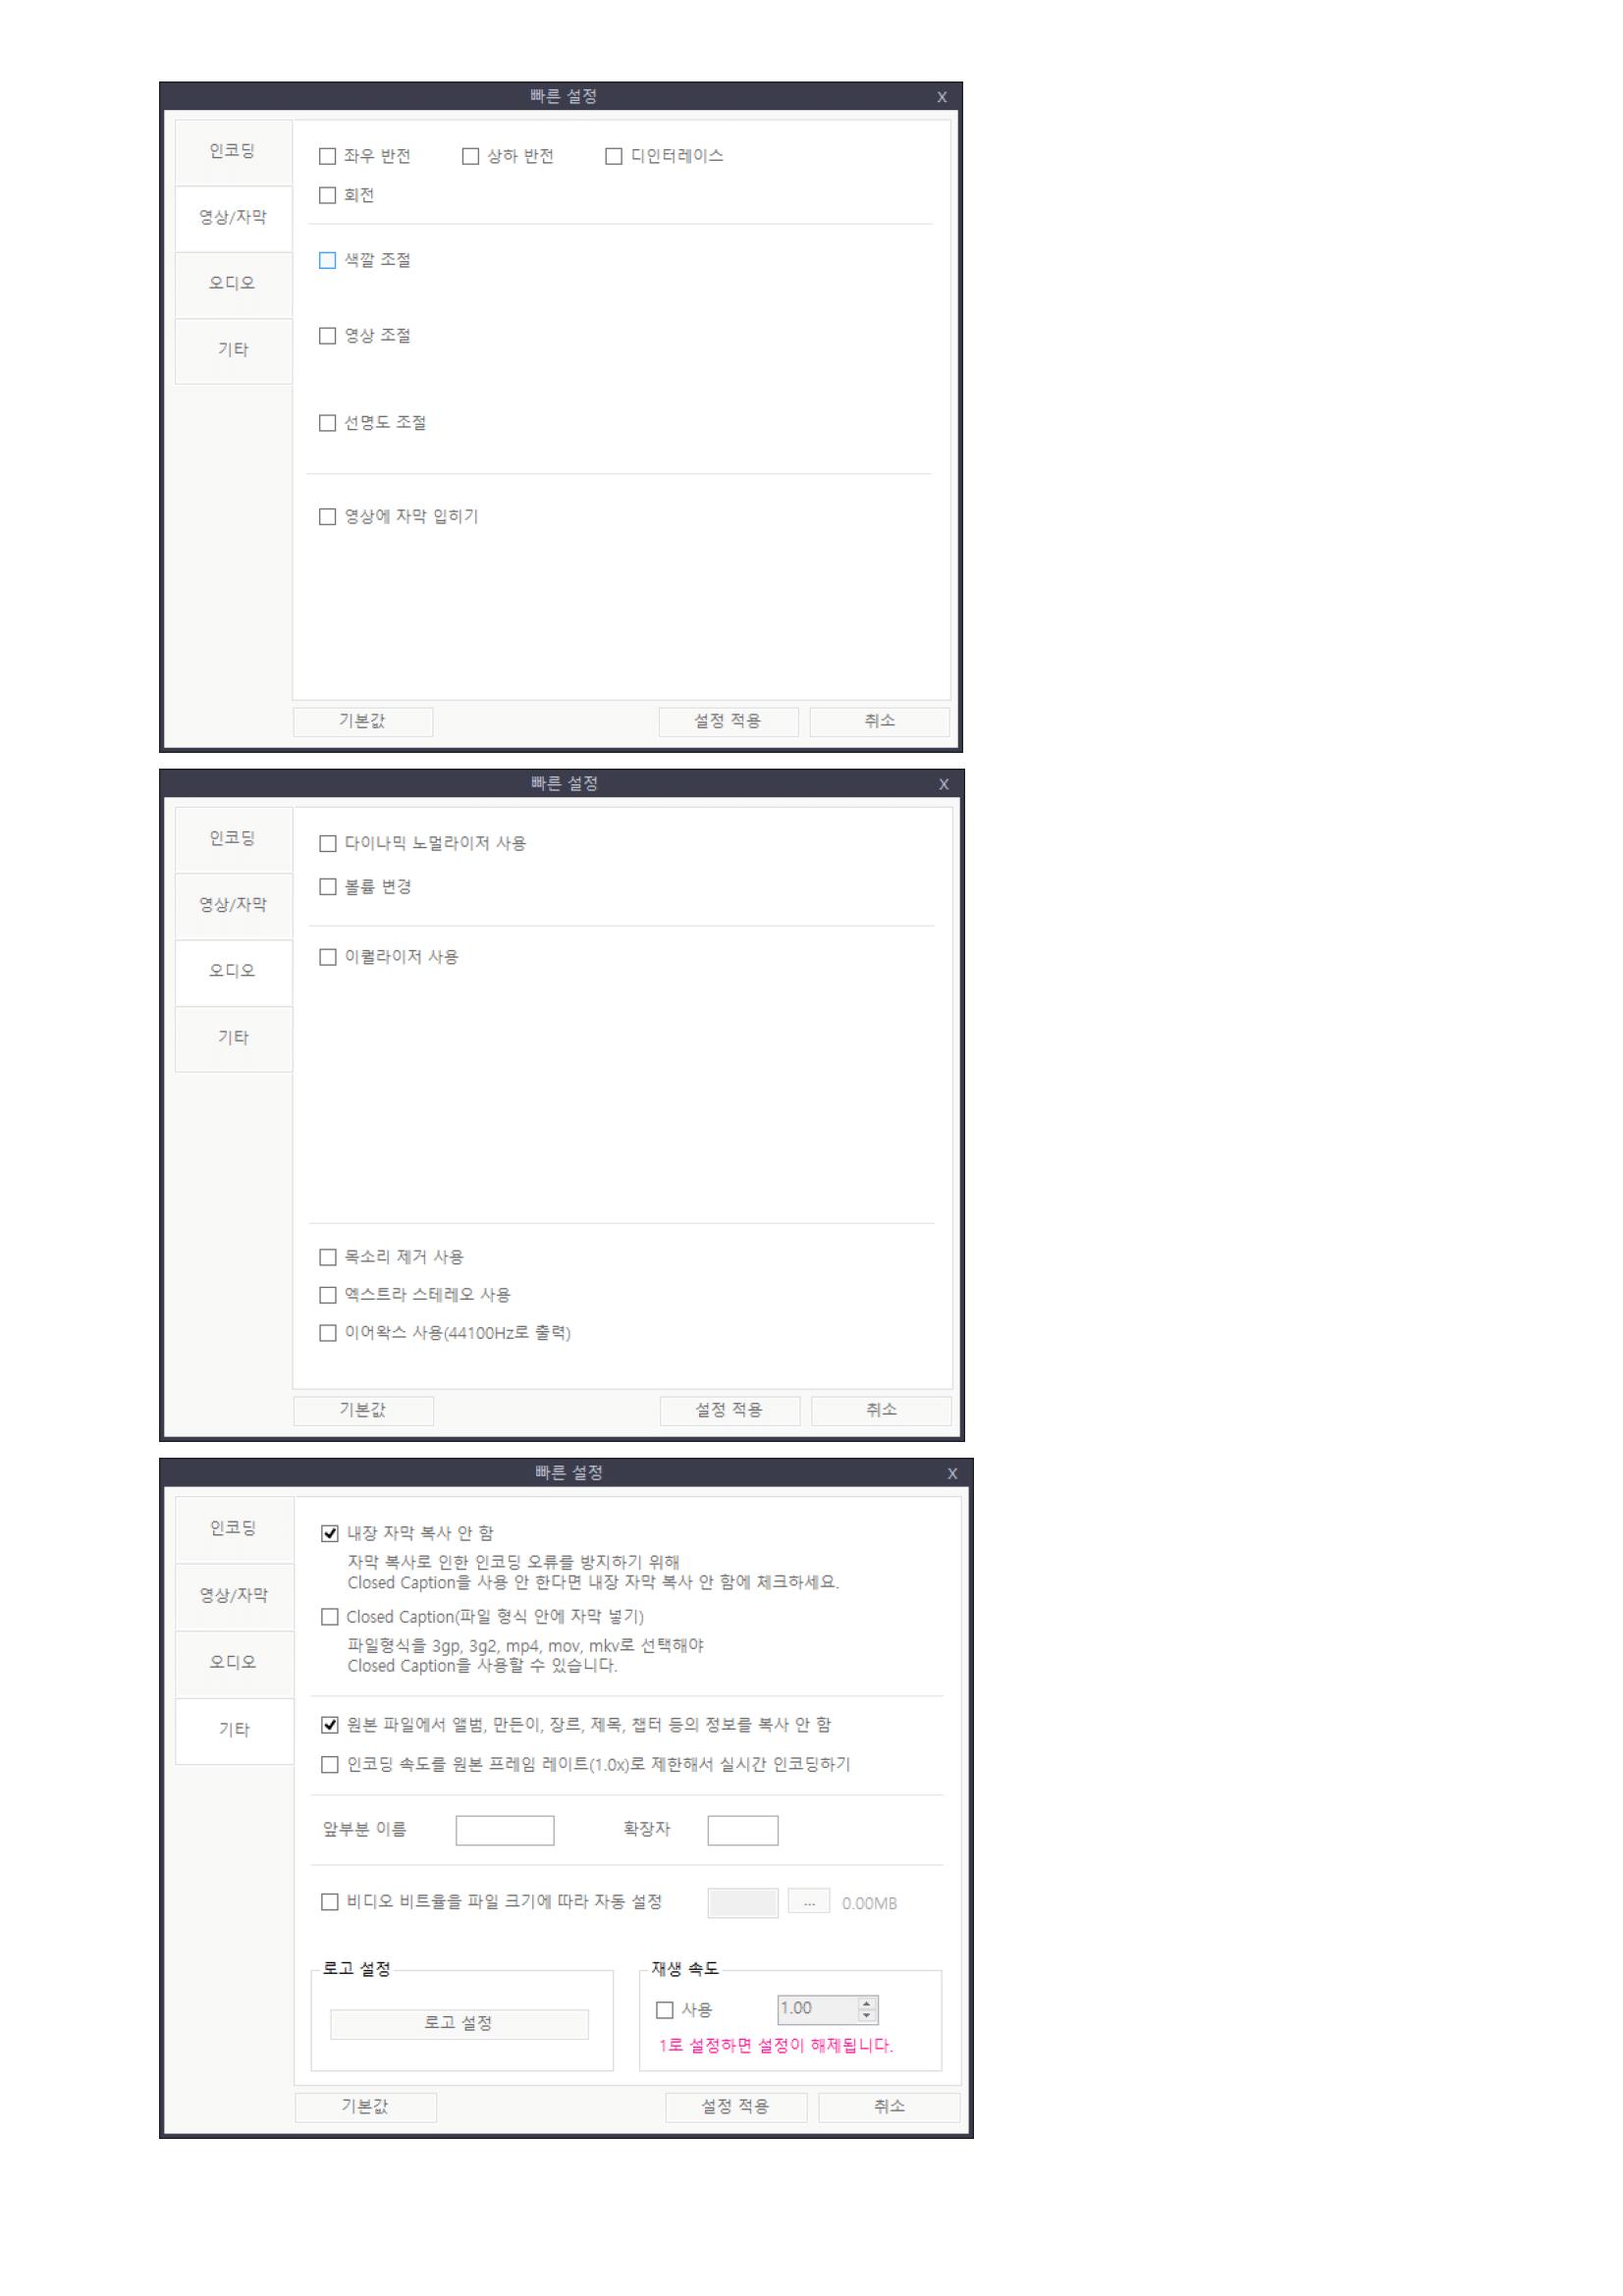 코덱설정 - Google 문서-2.png